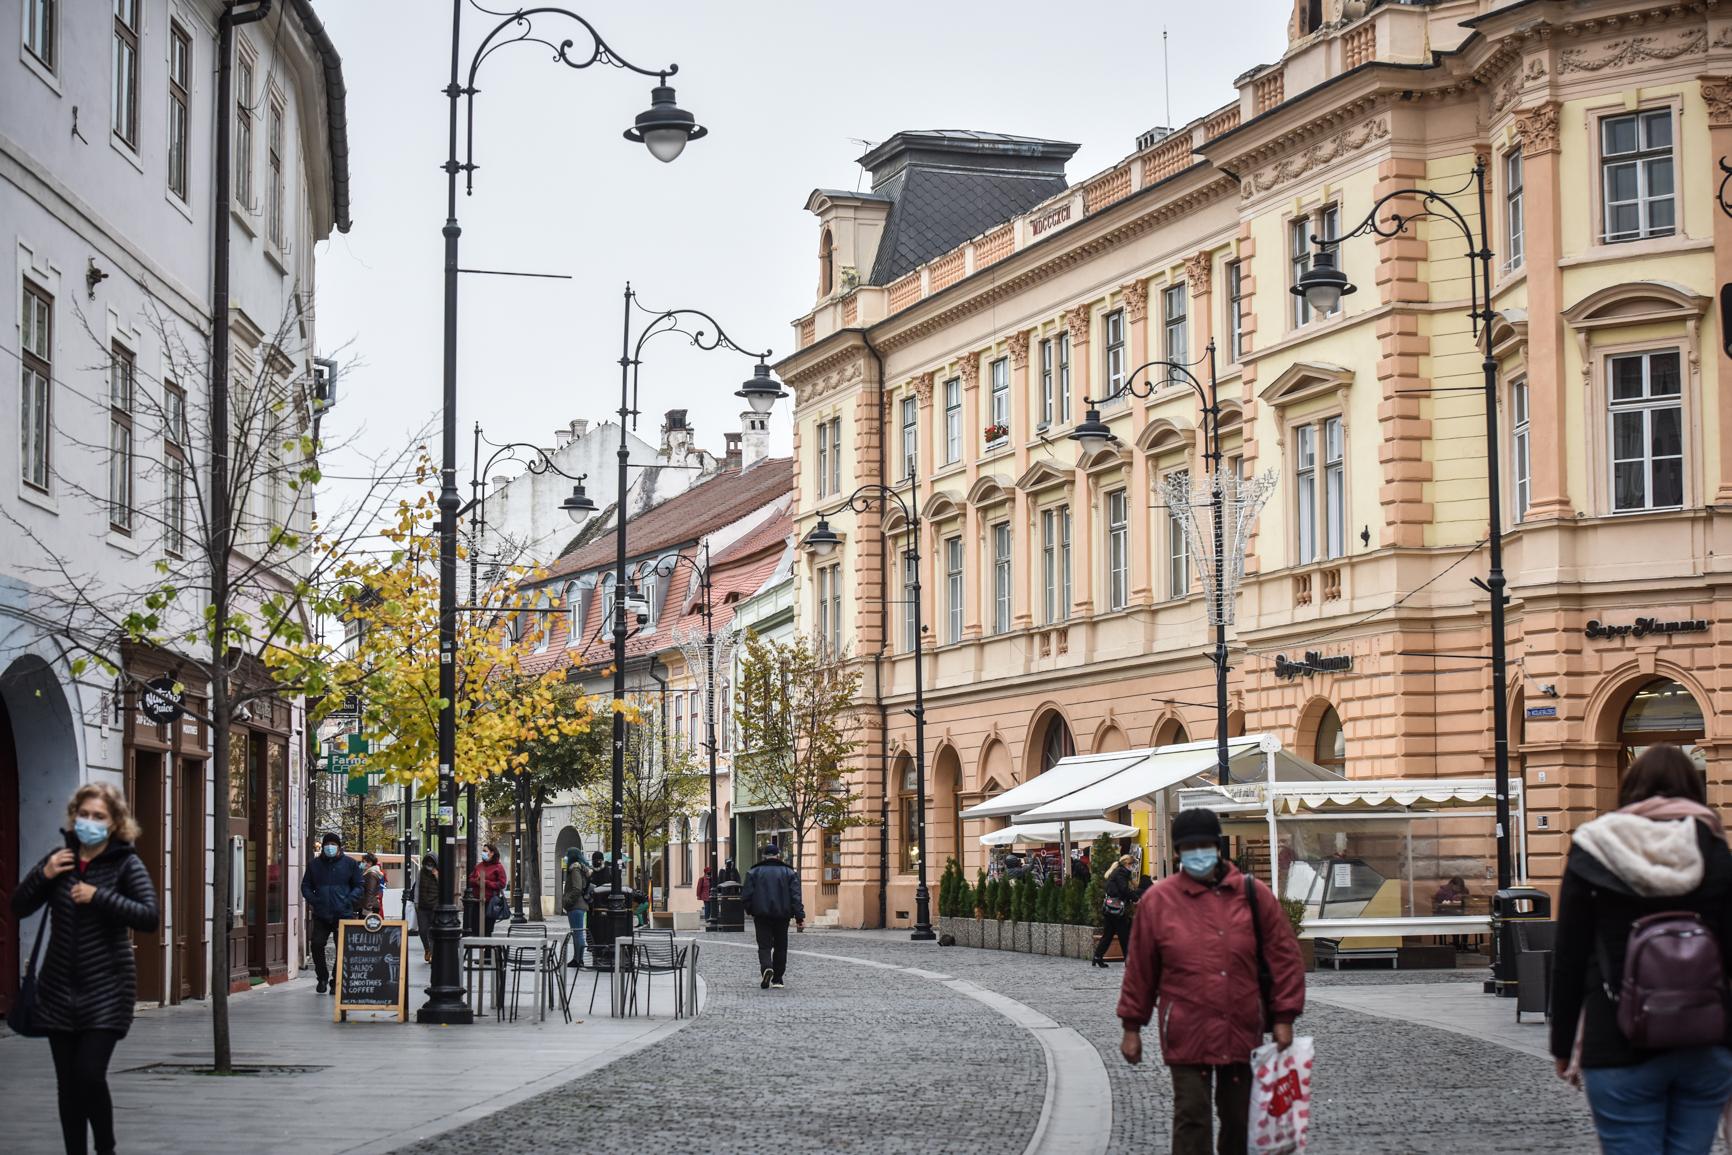 Incidență de peste 3 la mie în două localități din județ. Municipiul Sibiu, în scădere. Statistica pe fiecare localitate